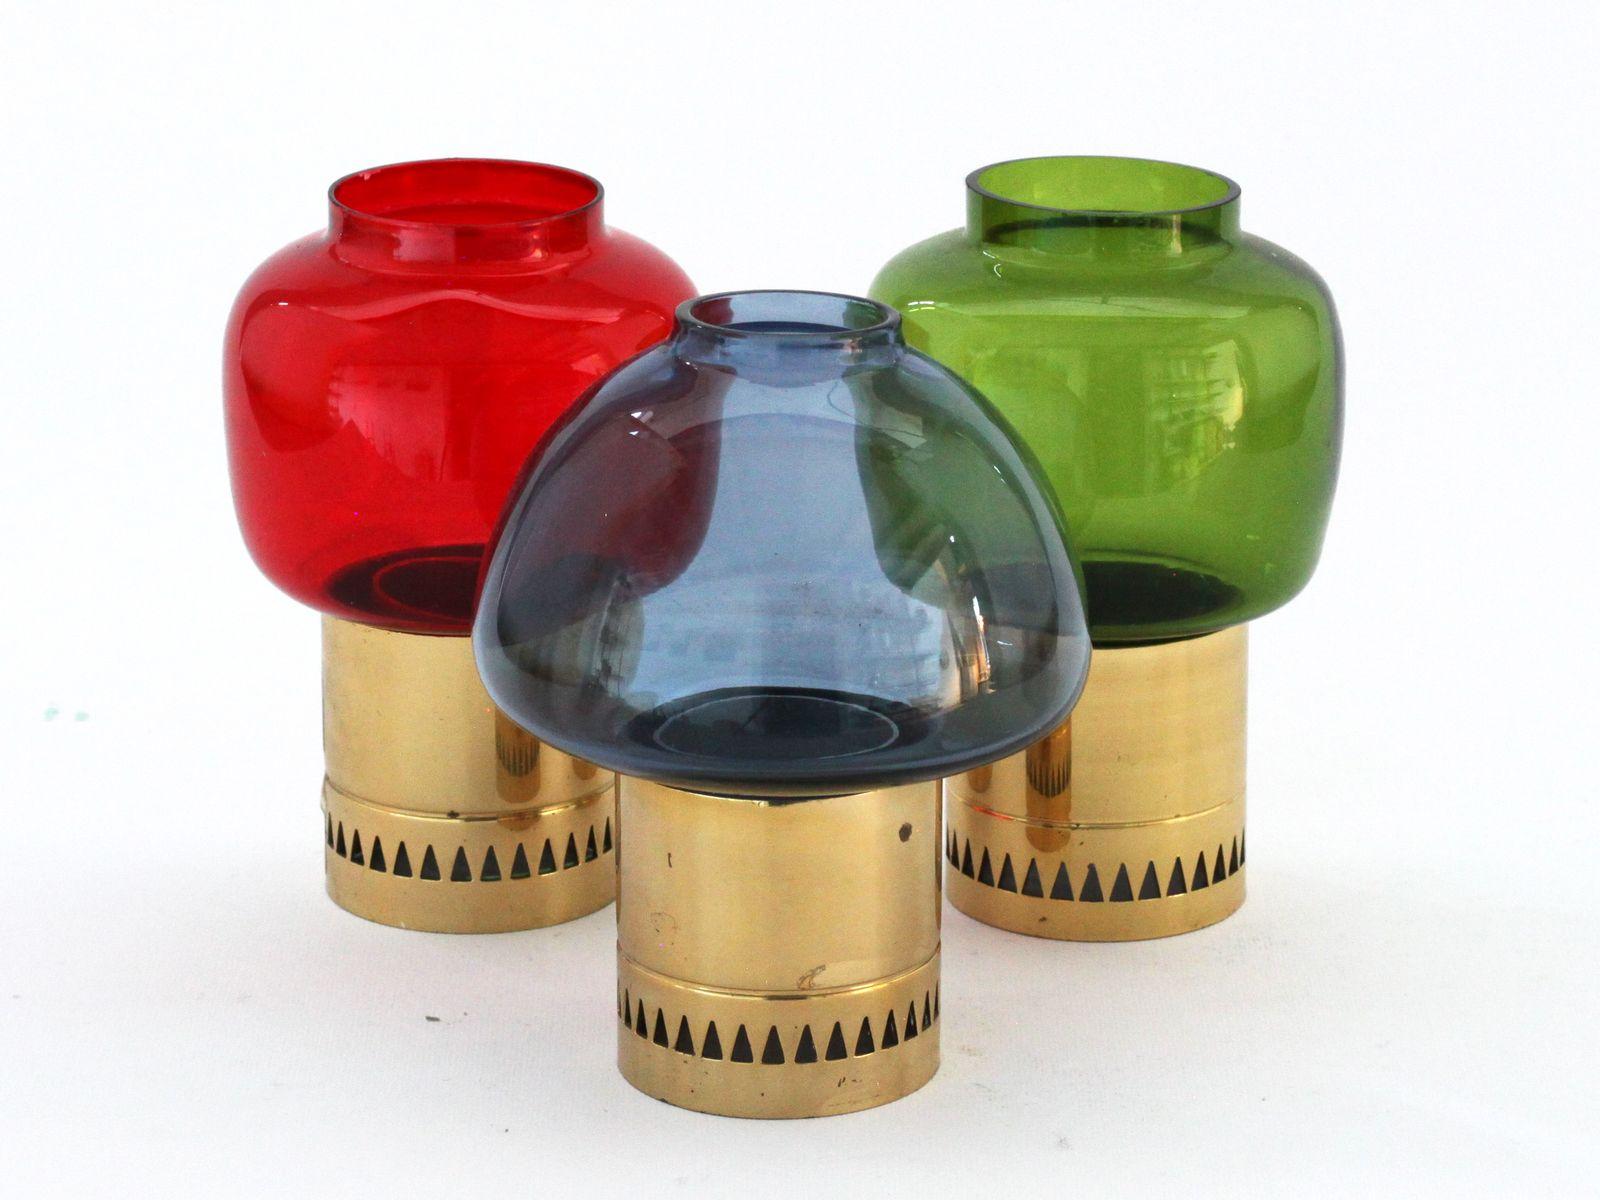 kerzenst nder aus messing farbigen glas von hans agne. Black Bedroom Furniture Sets. Home Design Ideas